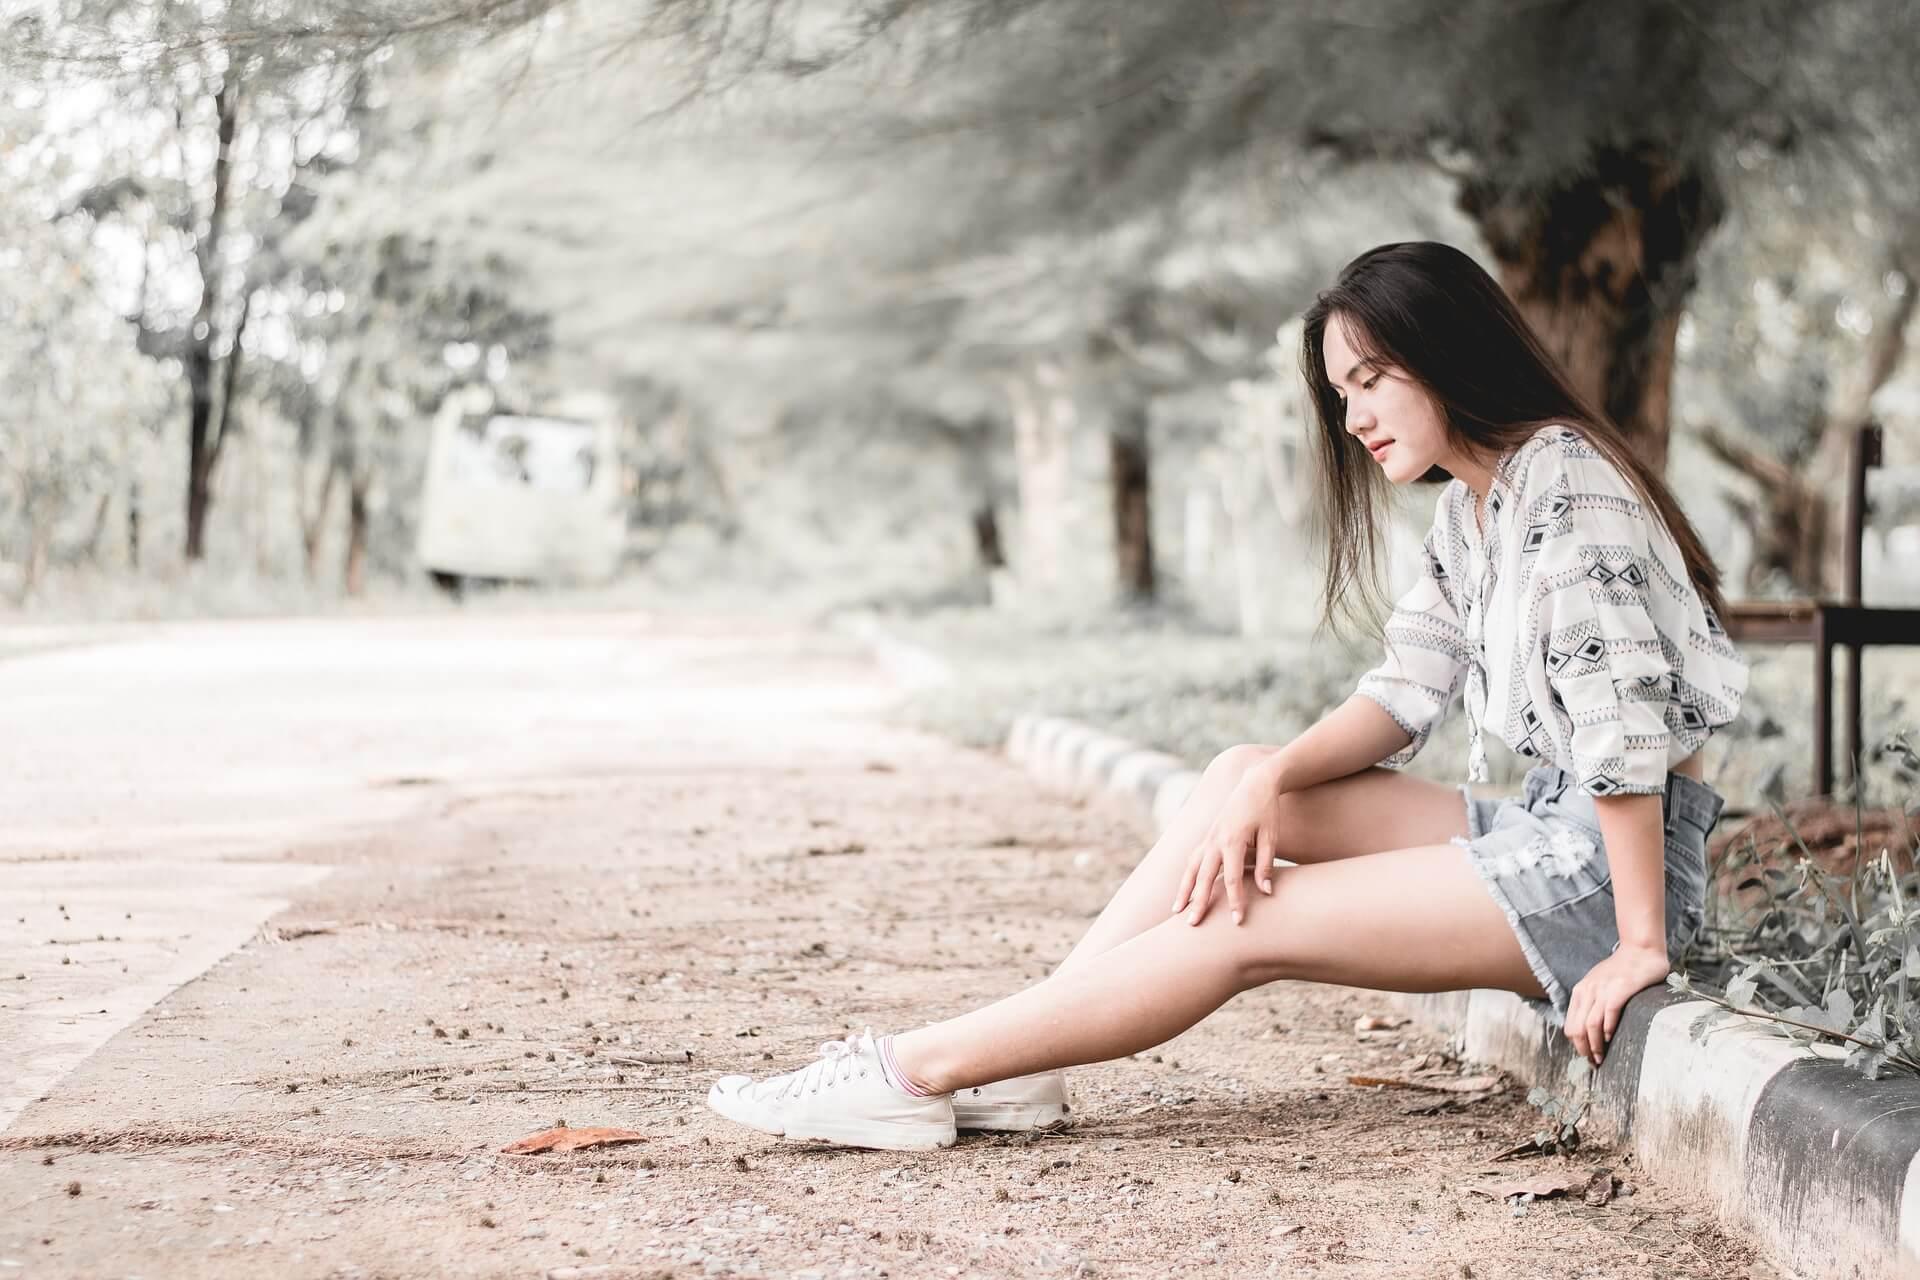 Kosten thailand frauen Ein Thaigirl